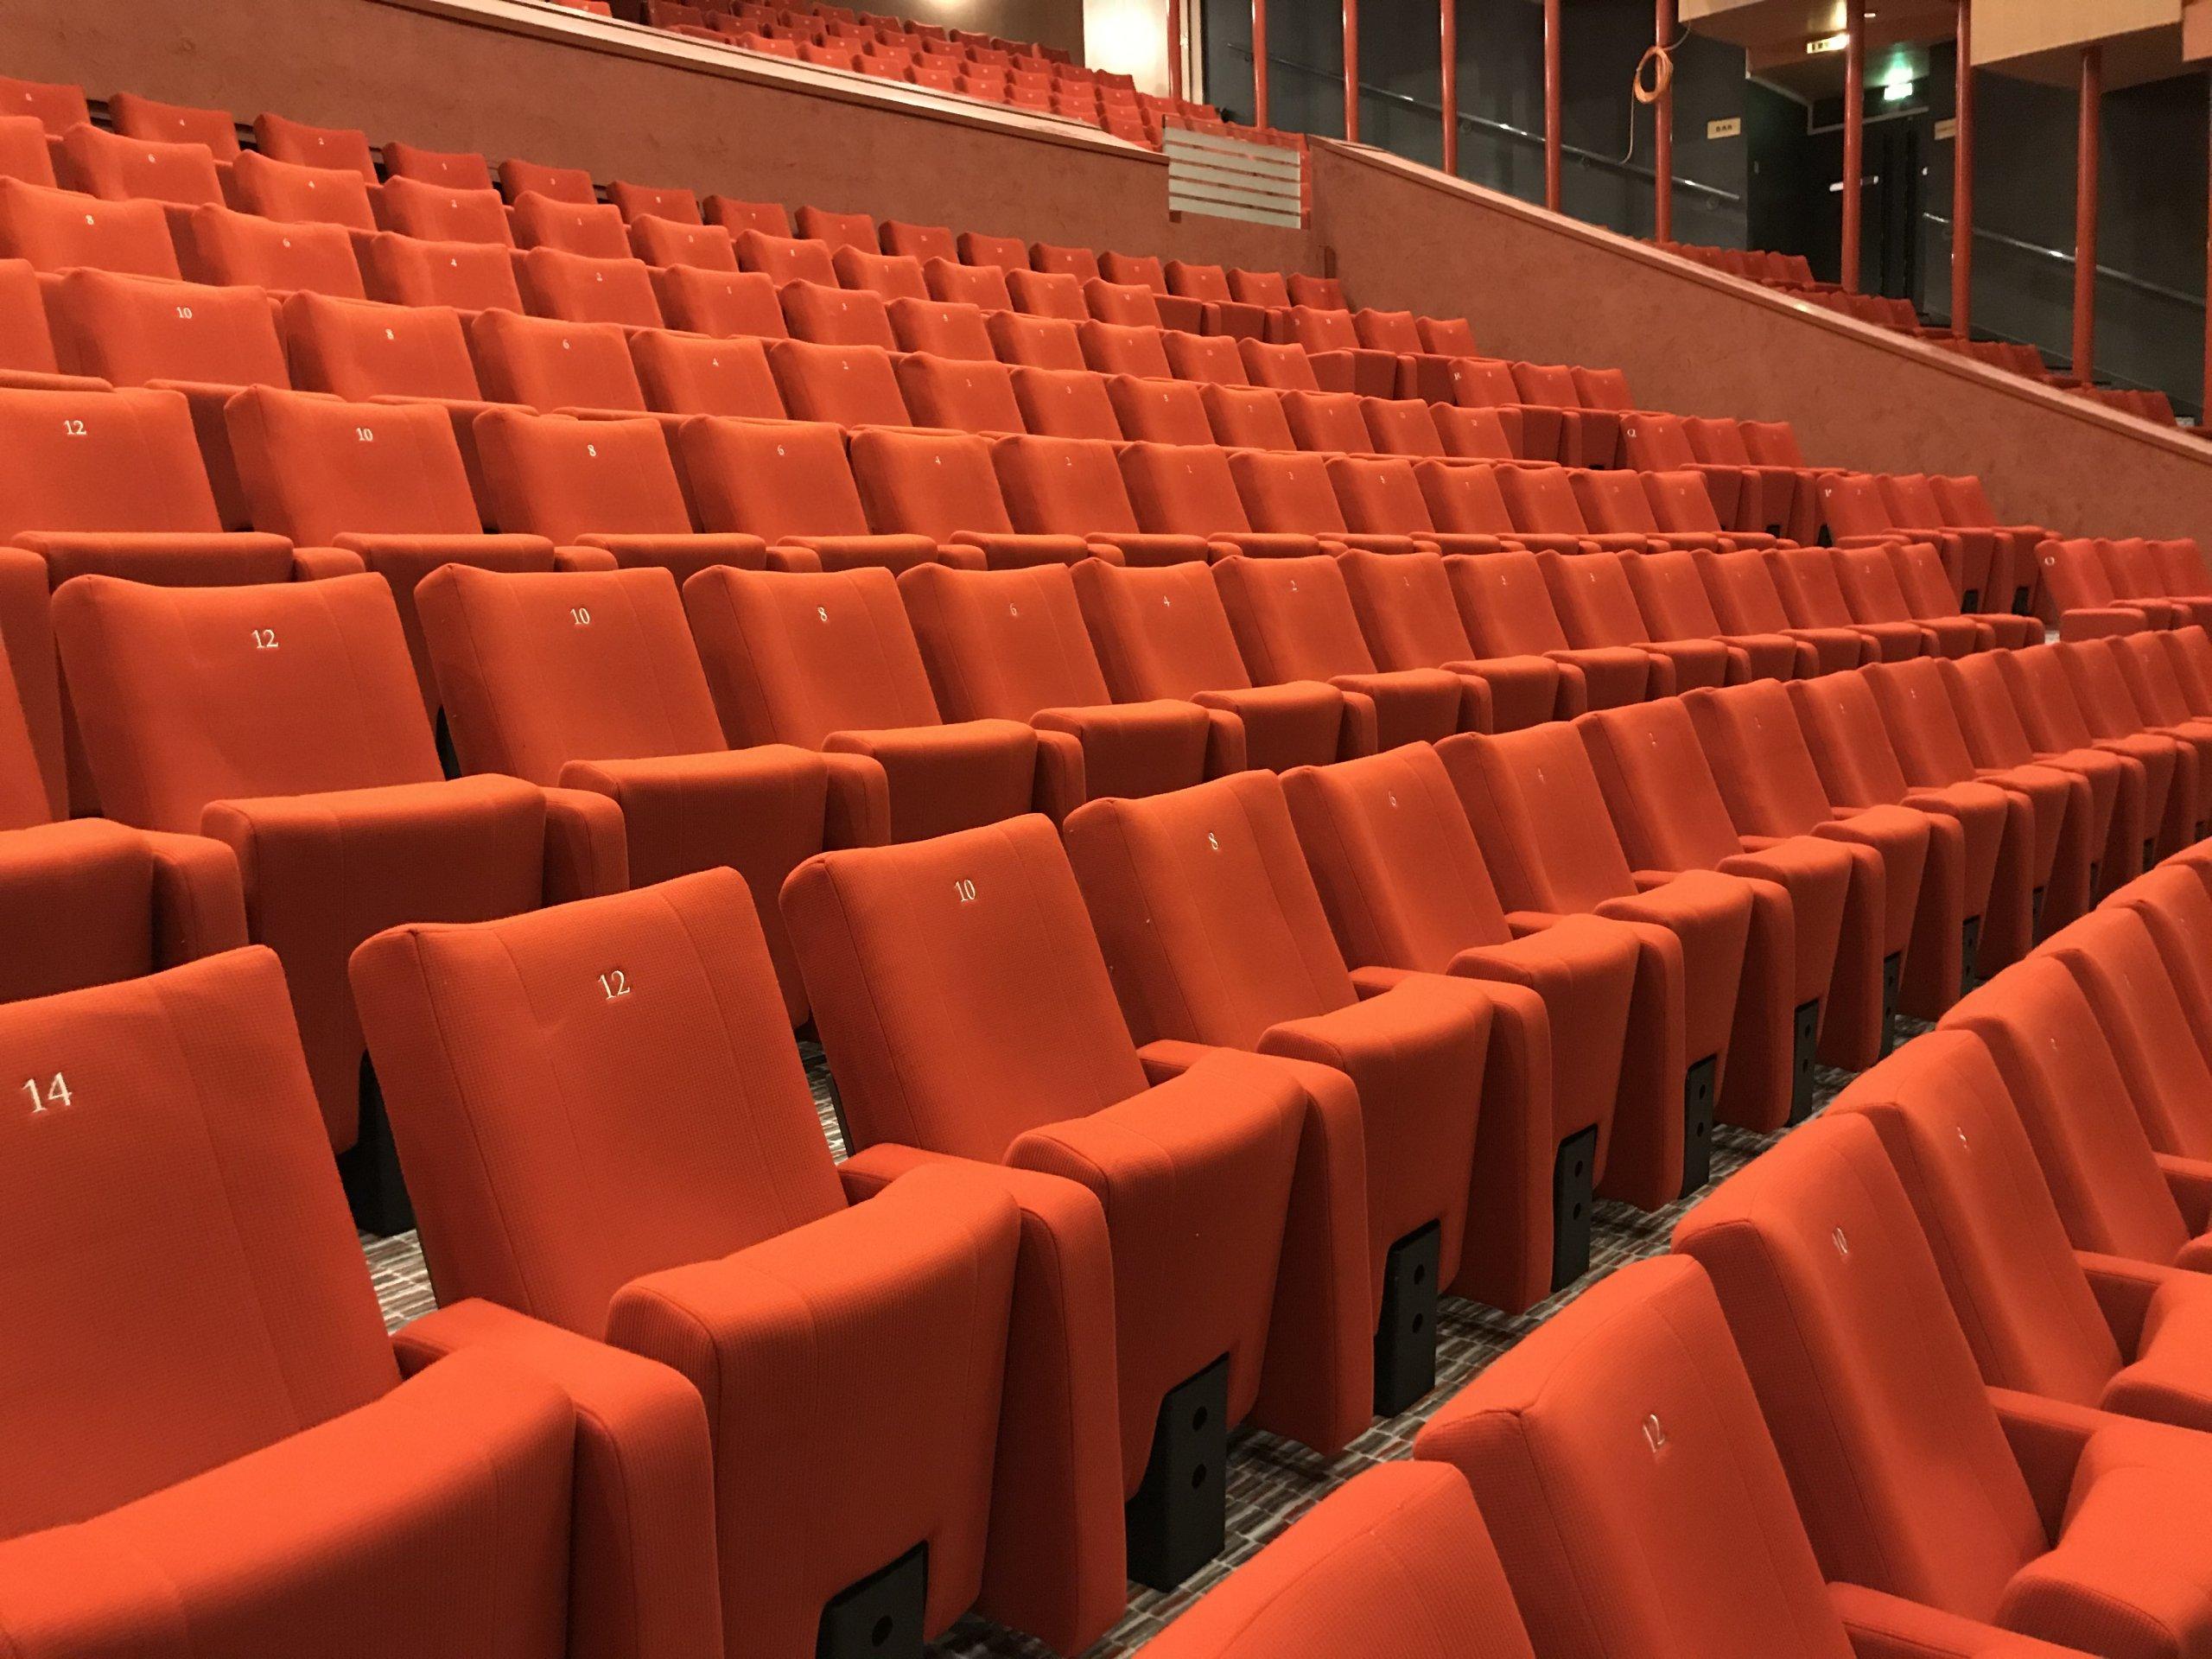 Kleslo - fauteuil Inertie - Leader de fabrication de fauteuils cinéma, théâtre ... Opéra Massy v4